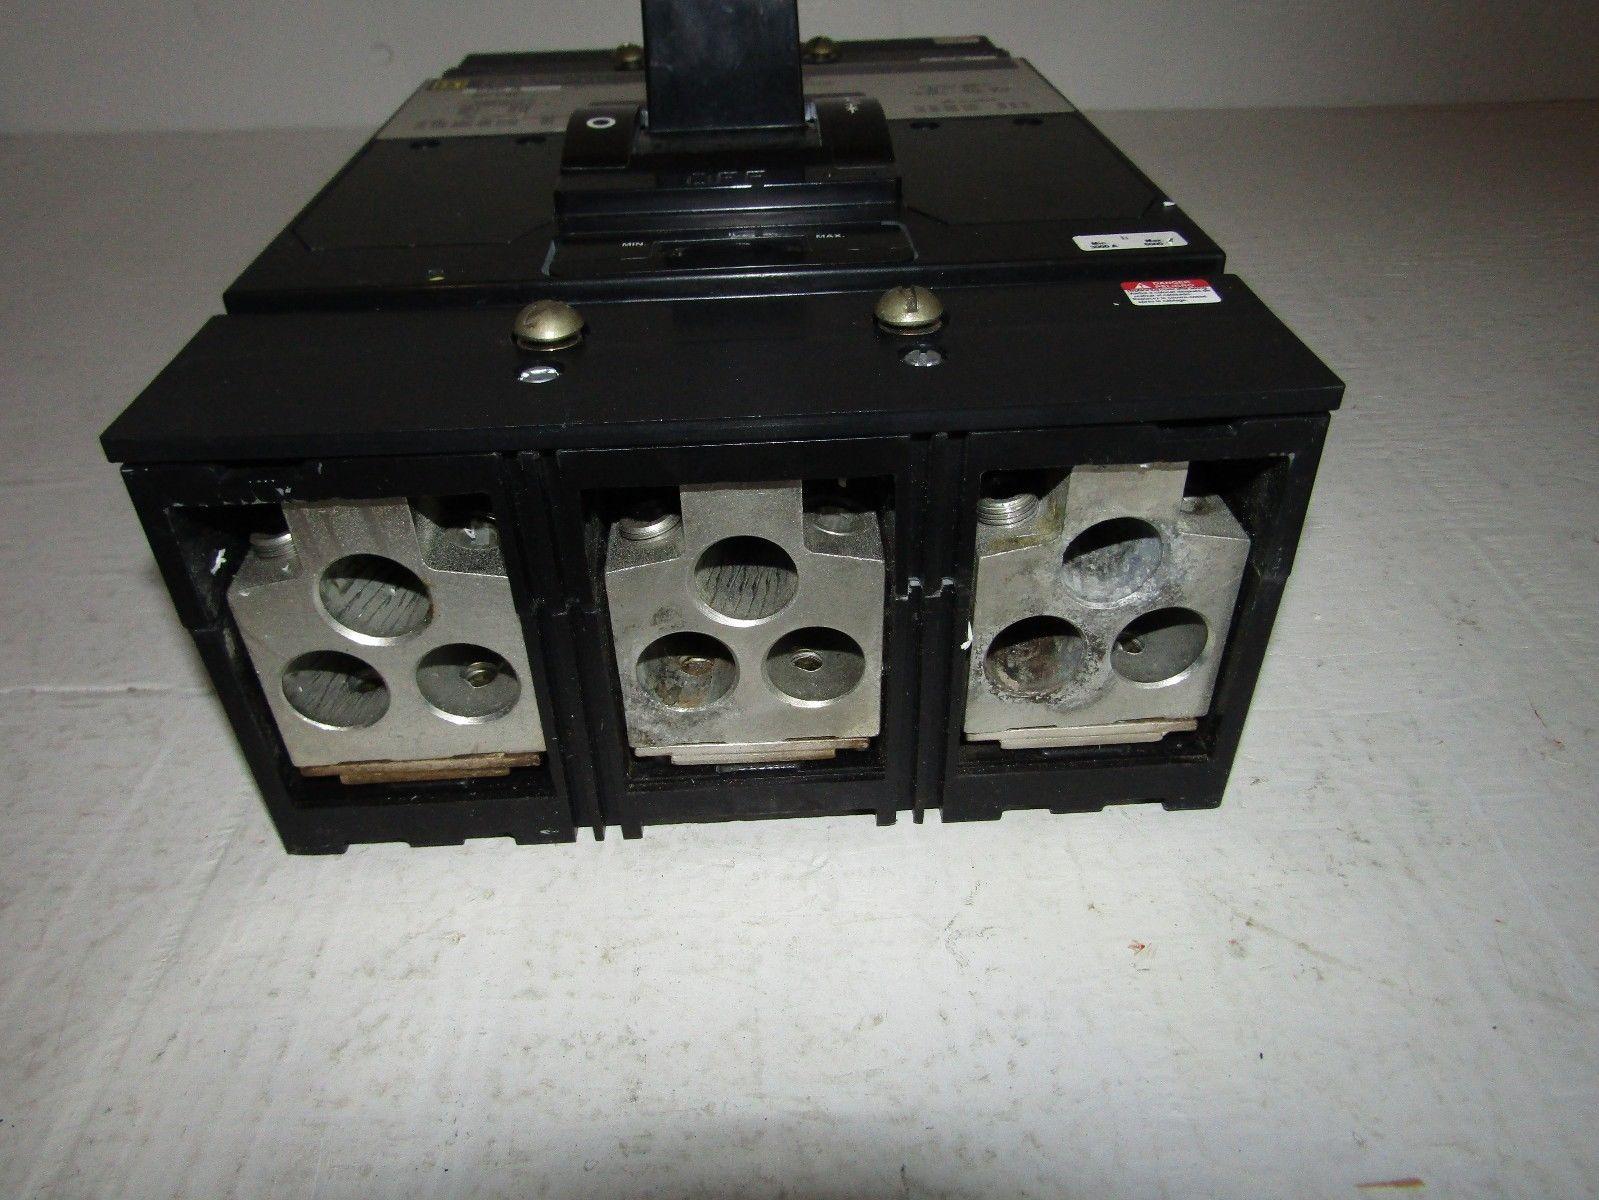 square d diagrams square d map36600 3 pole 600 amp 600 volt main breaker mal ... diagram 3 pole square d 2510k02 #15